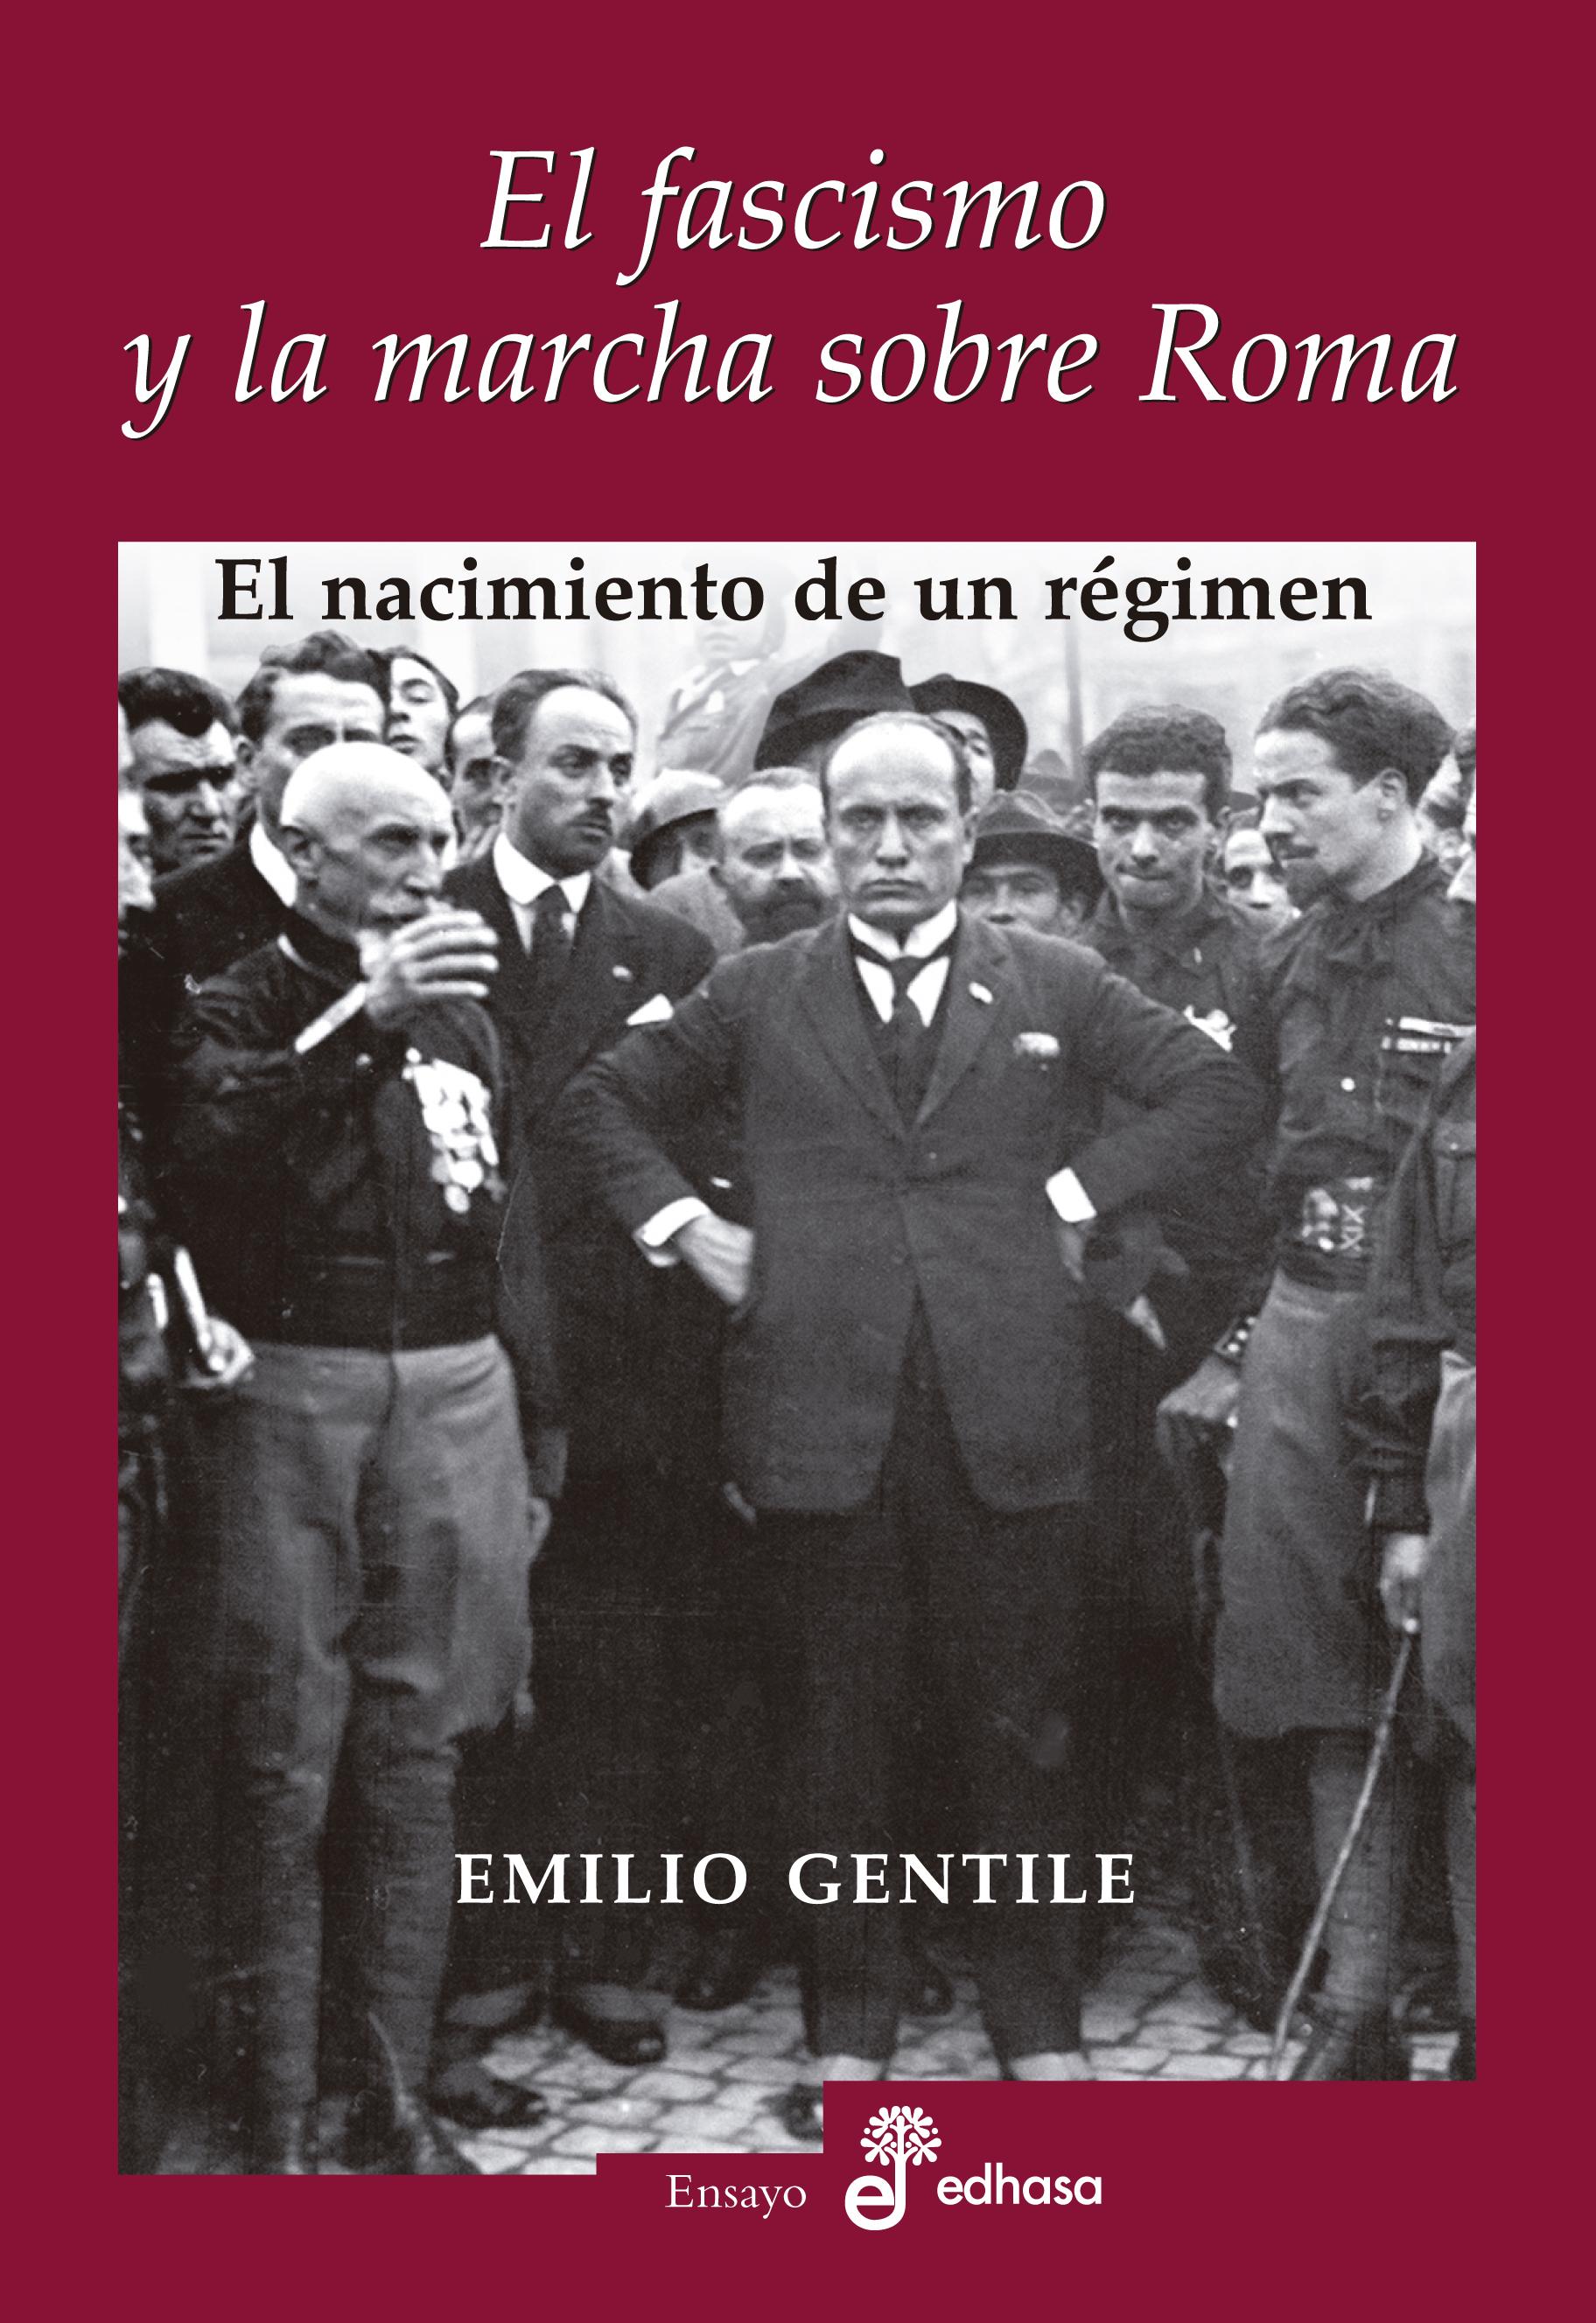 fascismo y la marcha sobre Roma, El - Gentile Emilio